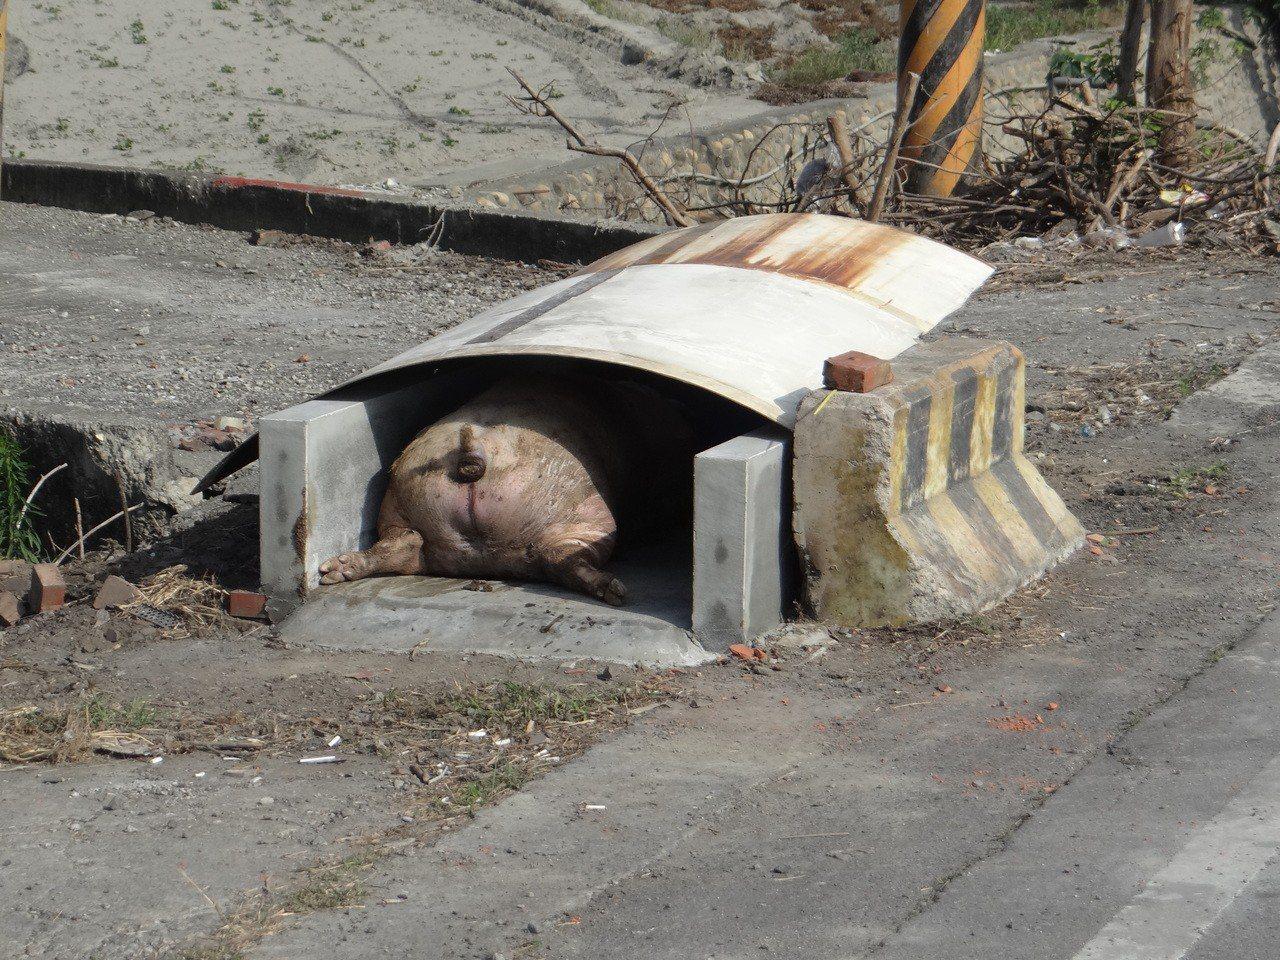 雲林養豬業者防疫很用心,在場外搭設簡易的死豬「停屍間」,可是有的過於簡易,豬屁股...